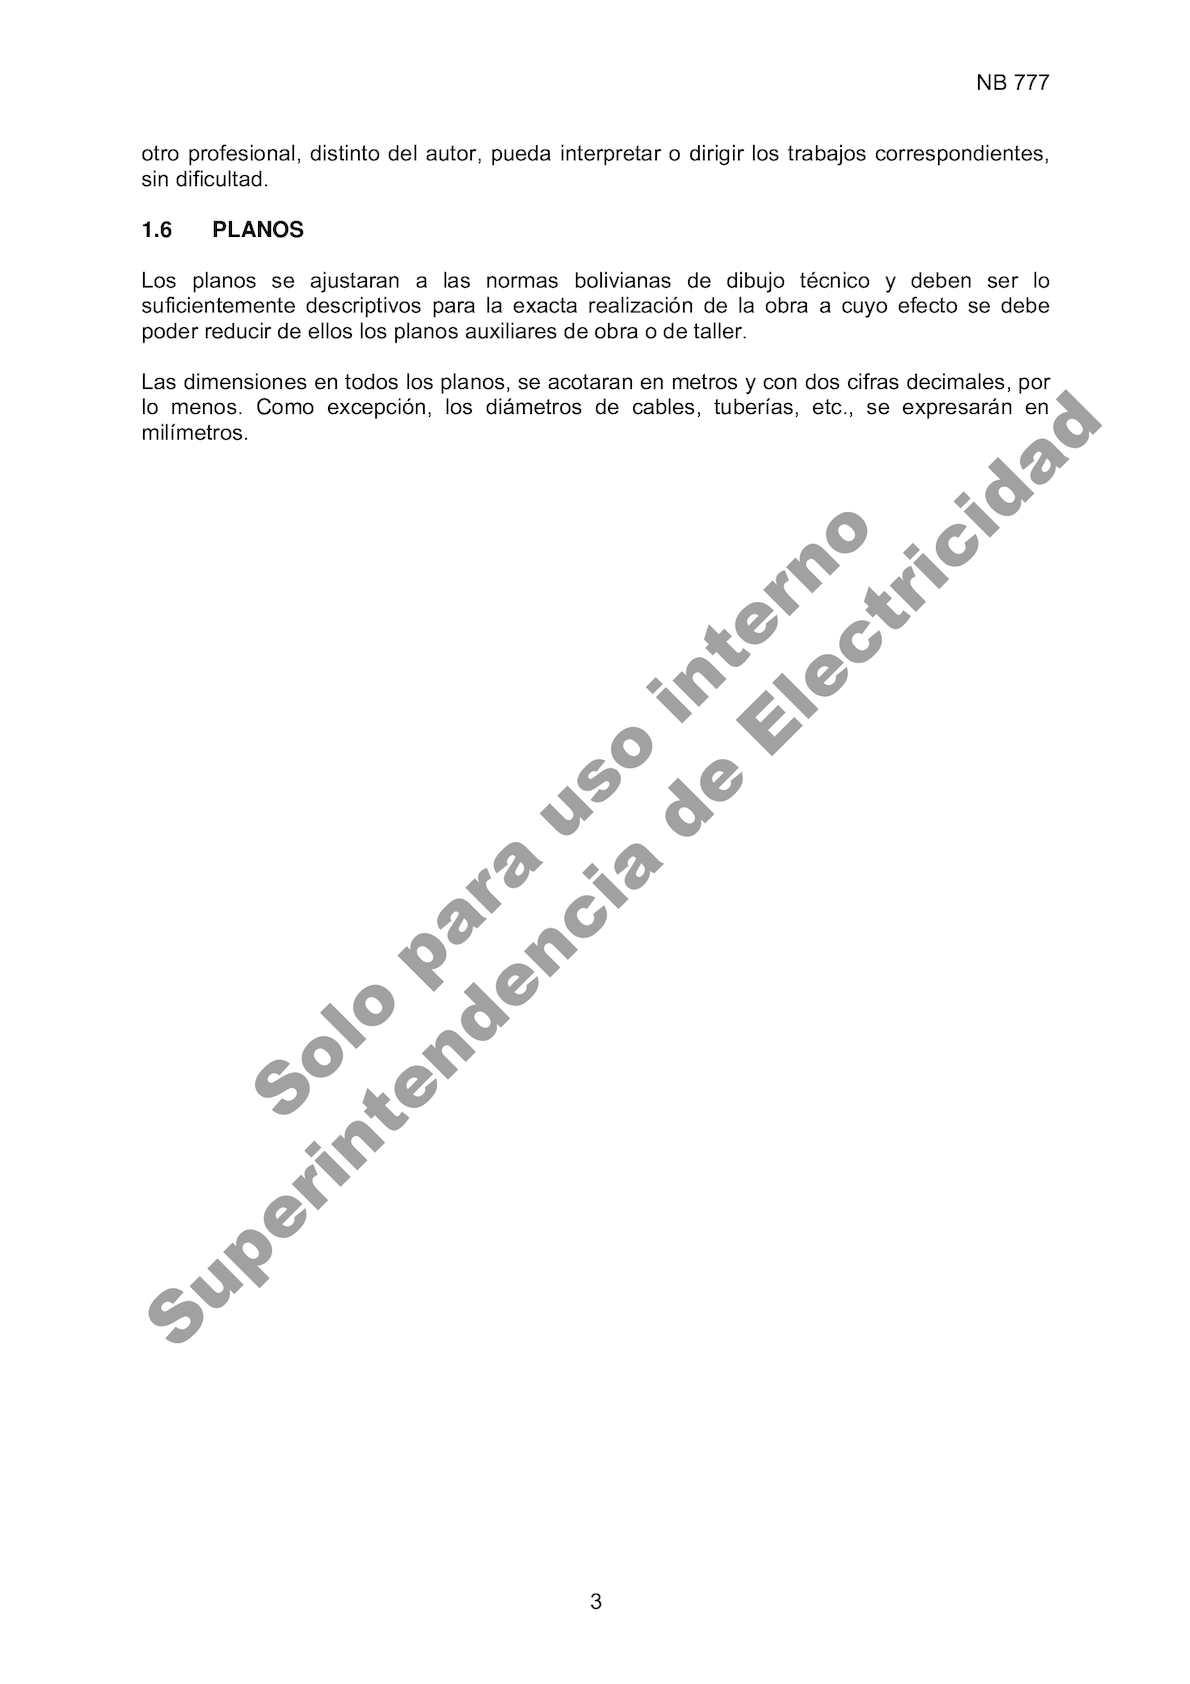 Atractivo Técnico Informático Reanudar Muestra Colección de Imágenes ...